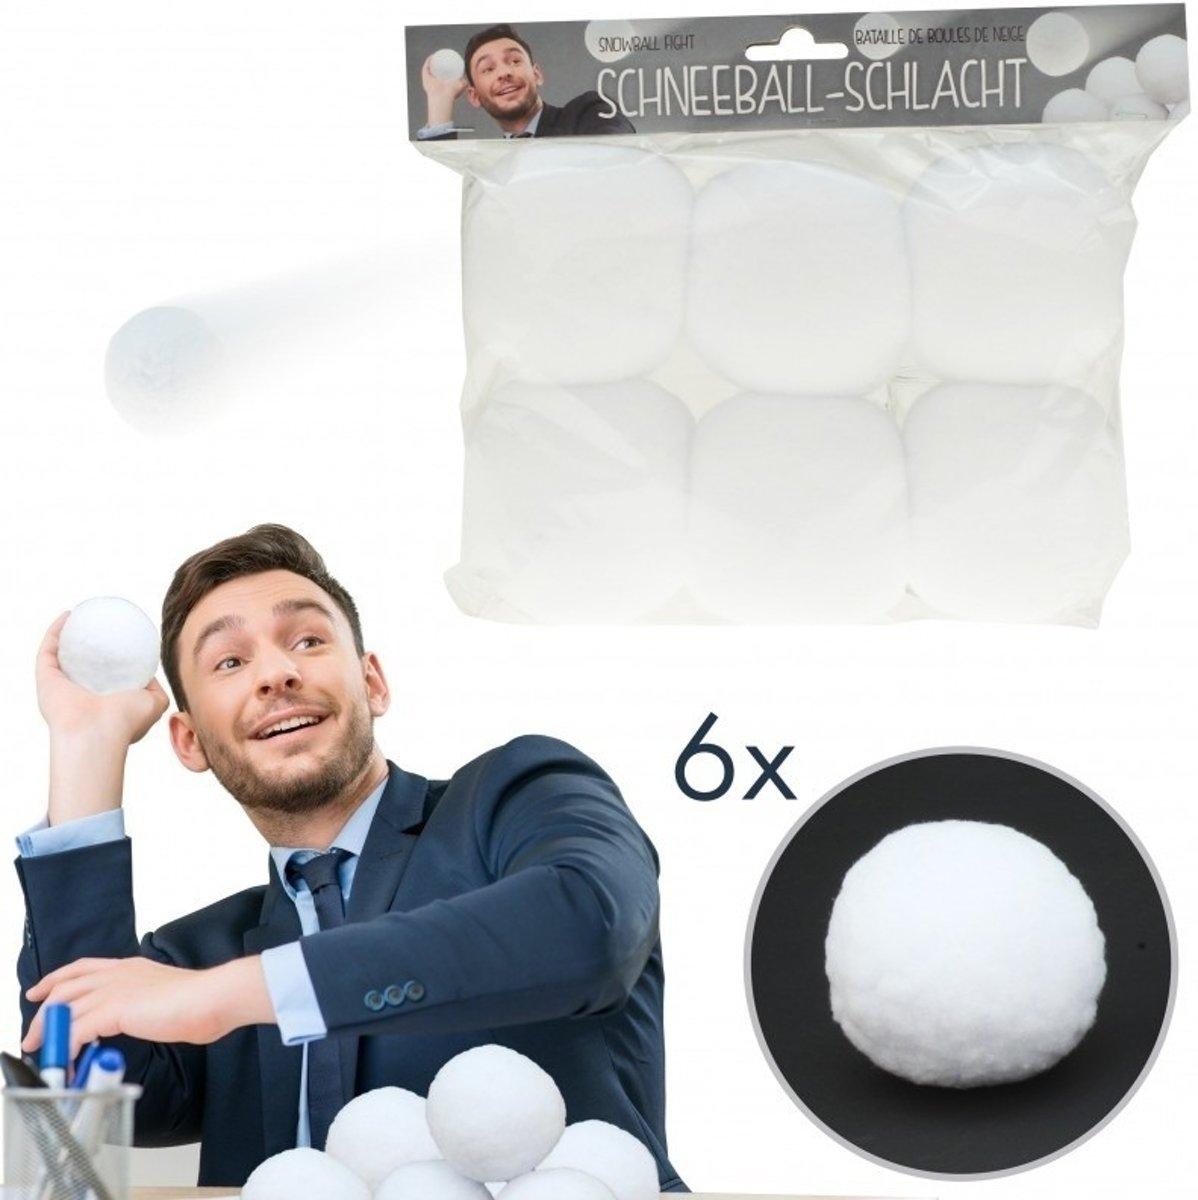 6x Kunstsneeuw sneeuwballen 7,5 cm kopen